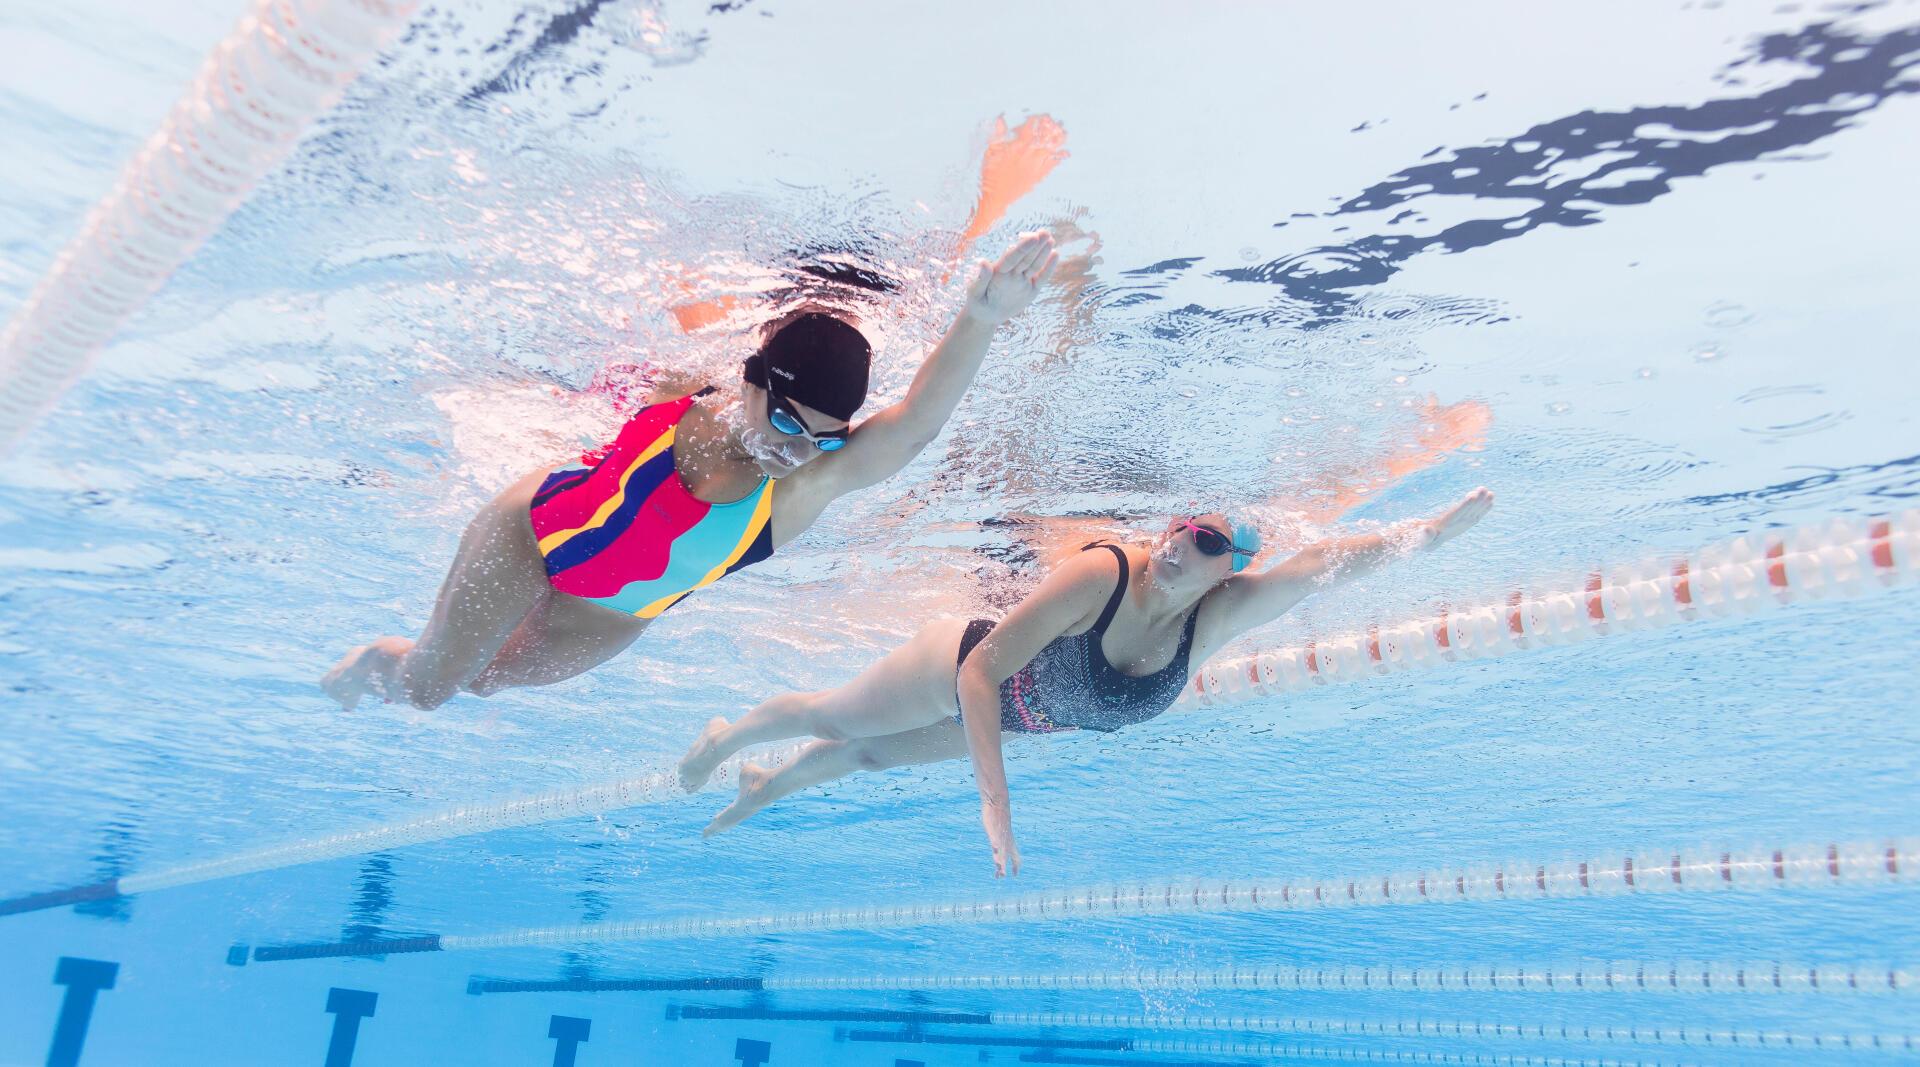 Interm swimmer